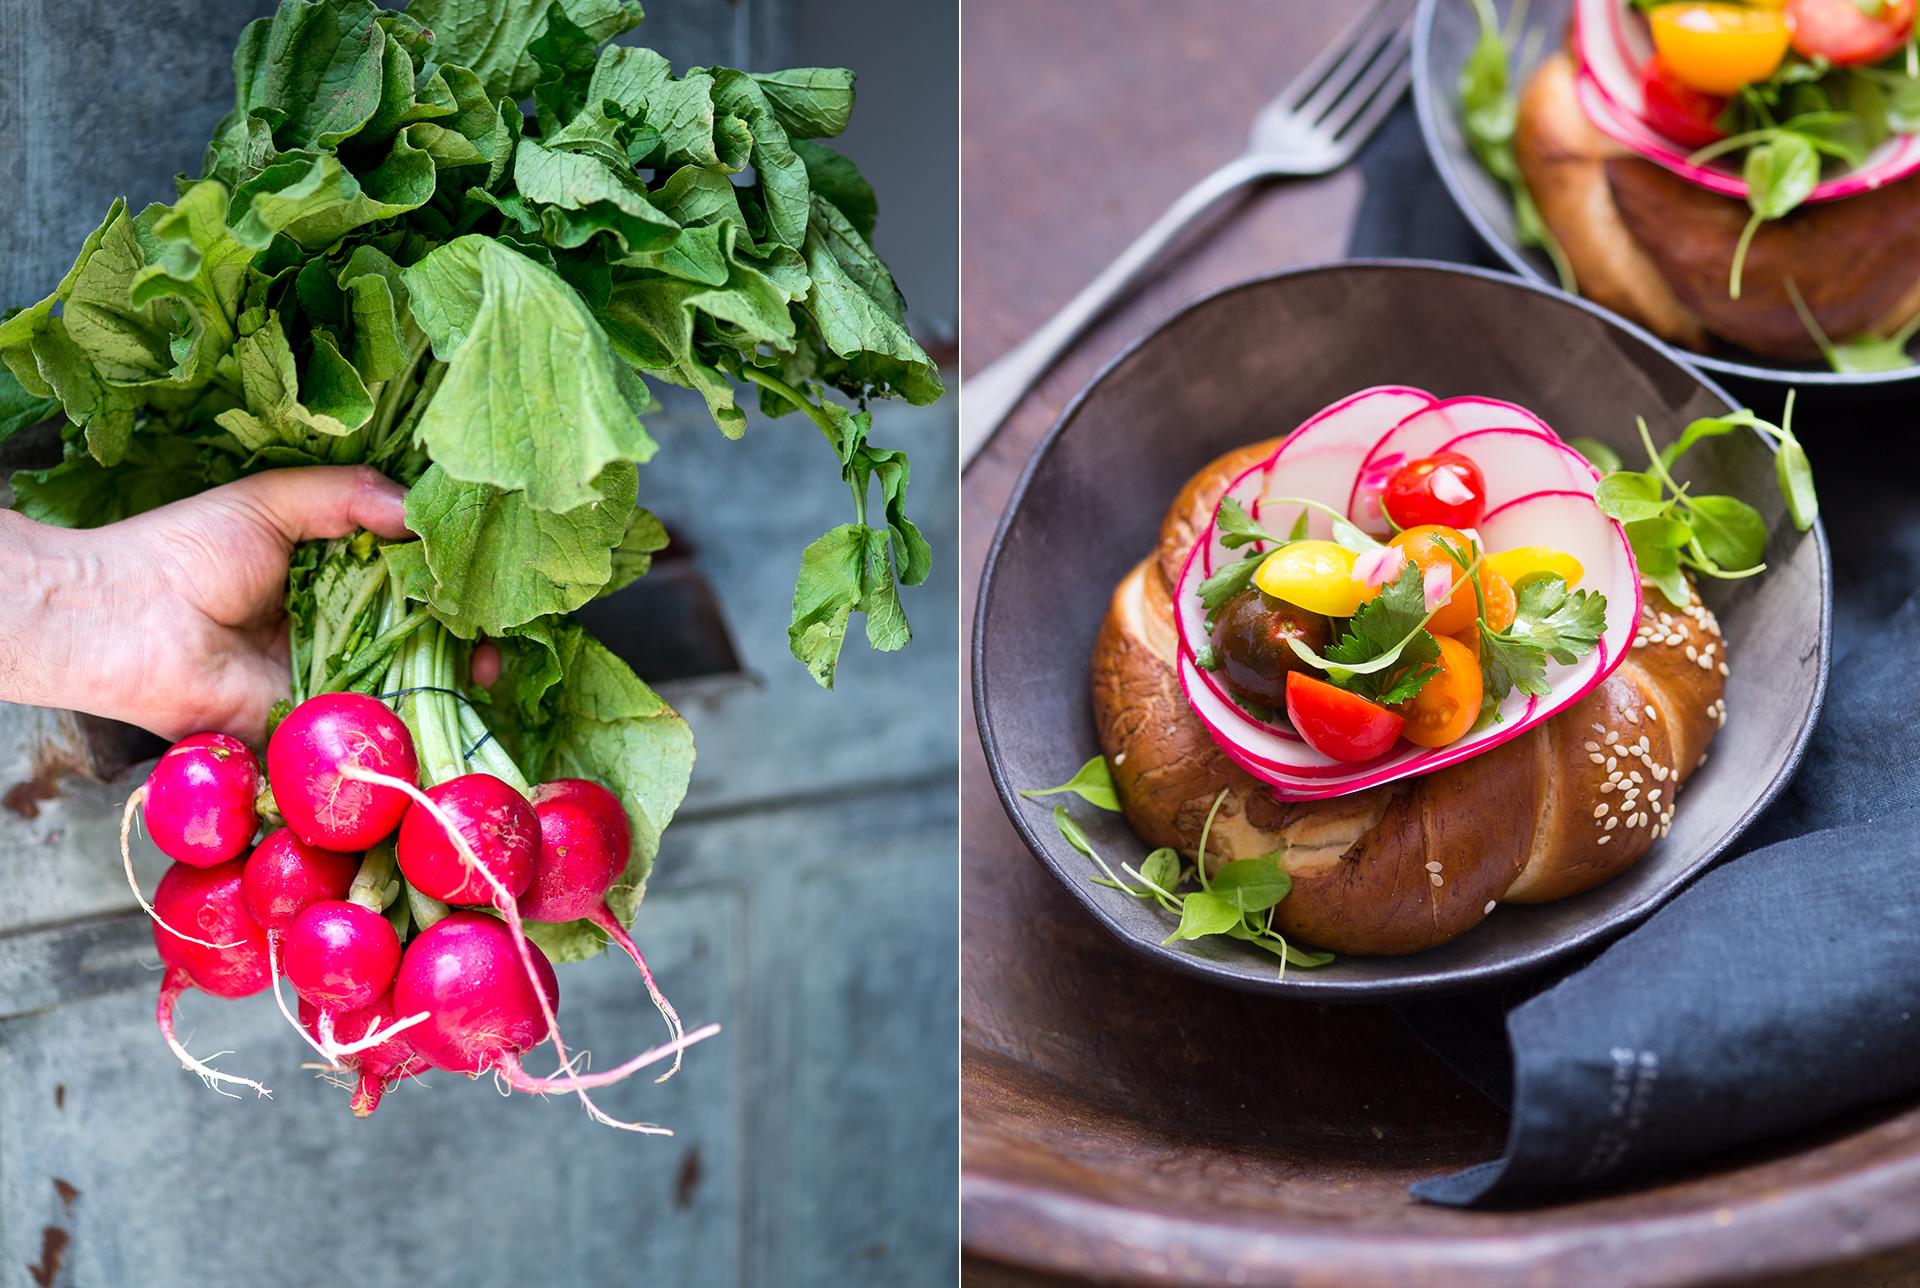 Mann haelt ein Bund Radieschen. Juedisches Brot mit duenn geschnittenen Radieschenscheiben, bunte Tomaten und Salatblaettchen